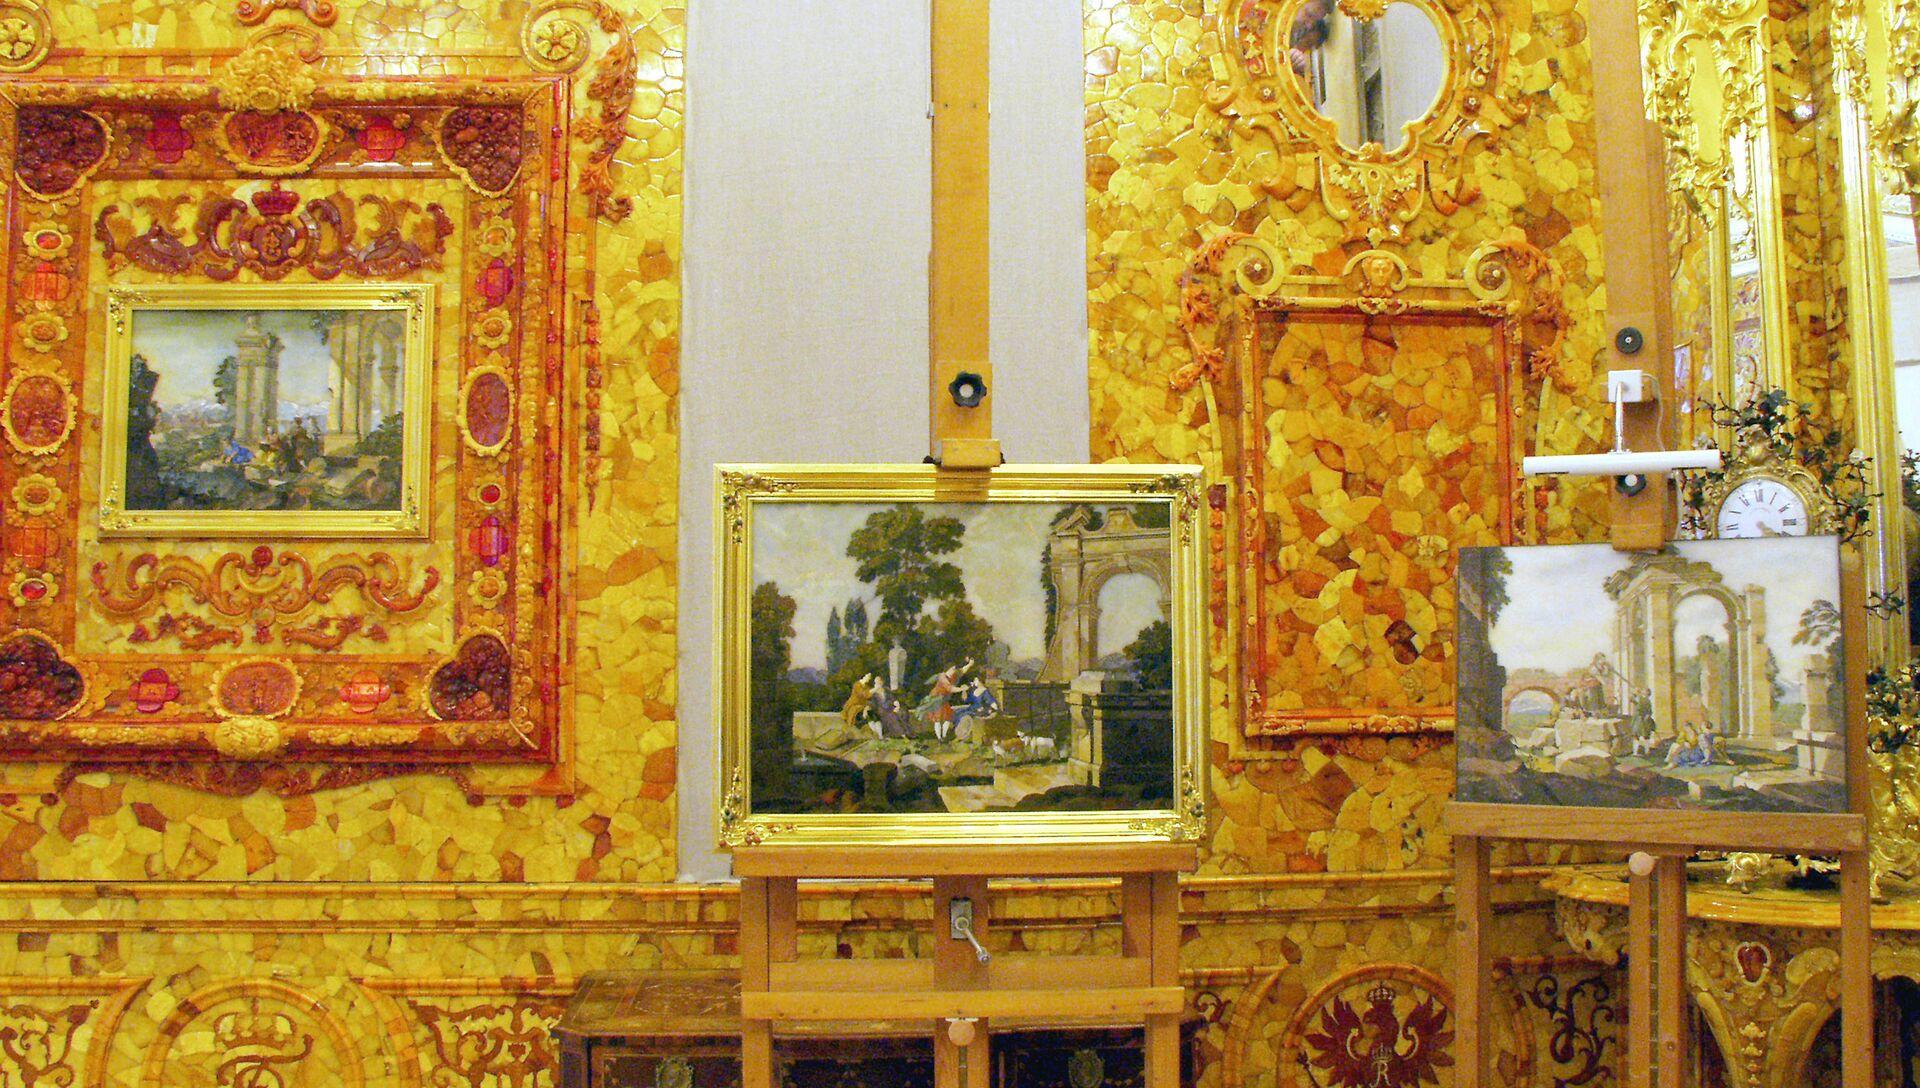 Восстановленная часть Янтарной комнаты в Екатерининском дворце в Пушкине - РИА Новости, 1920, 05.09.2020